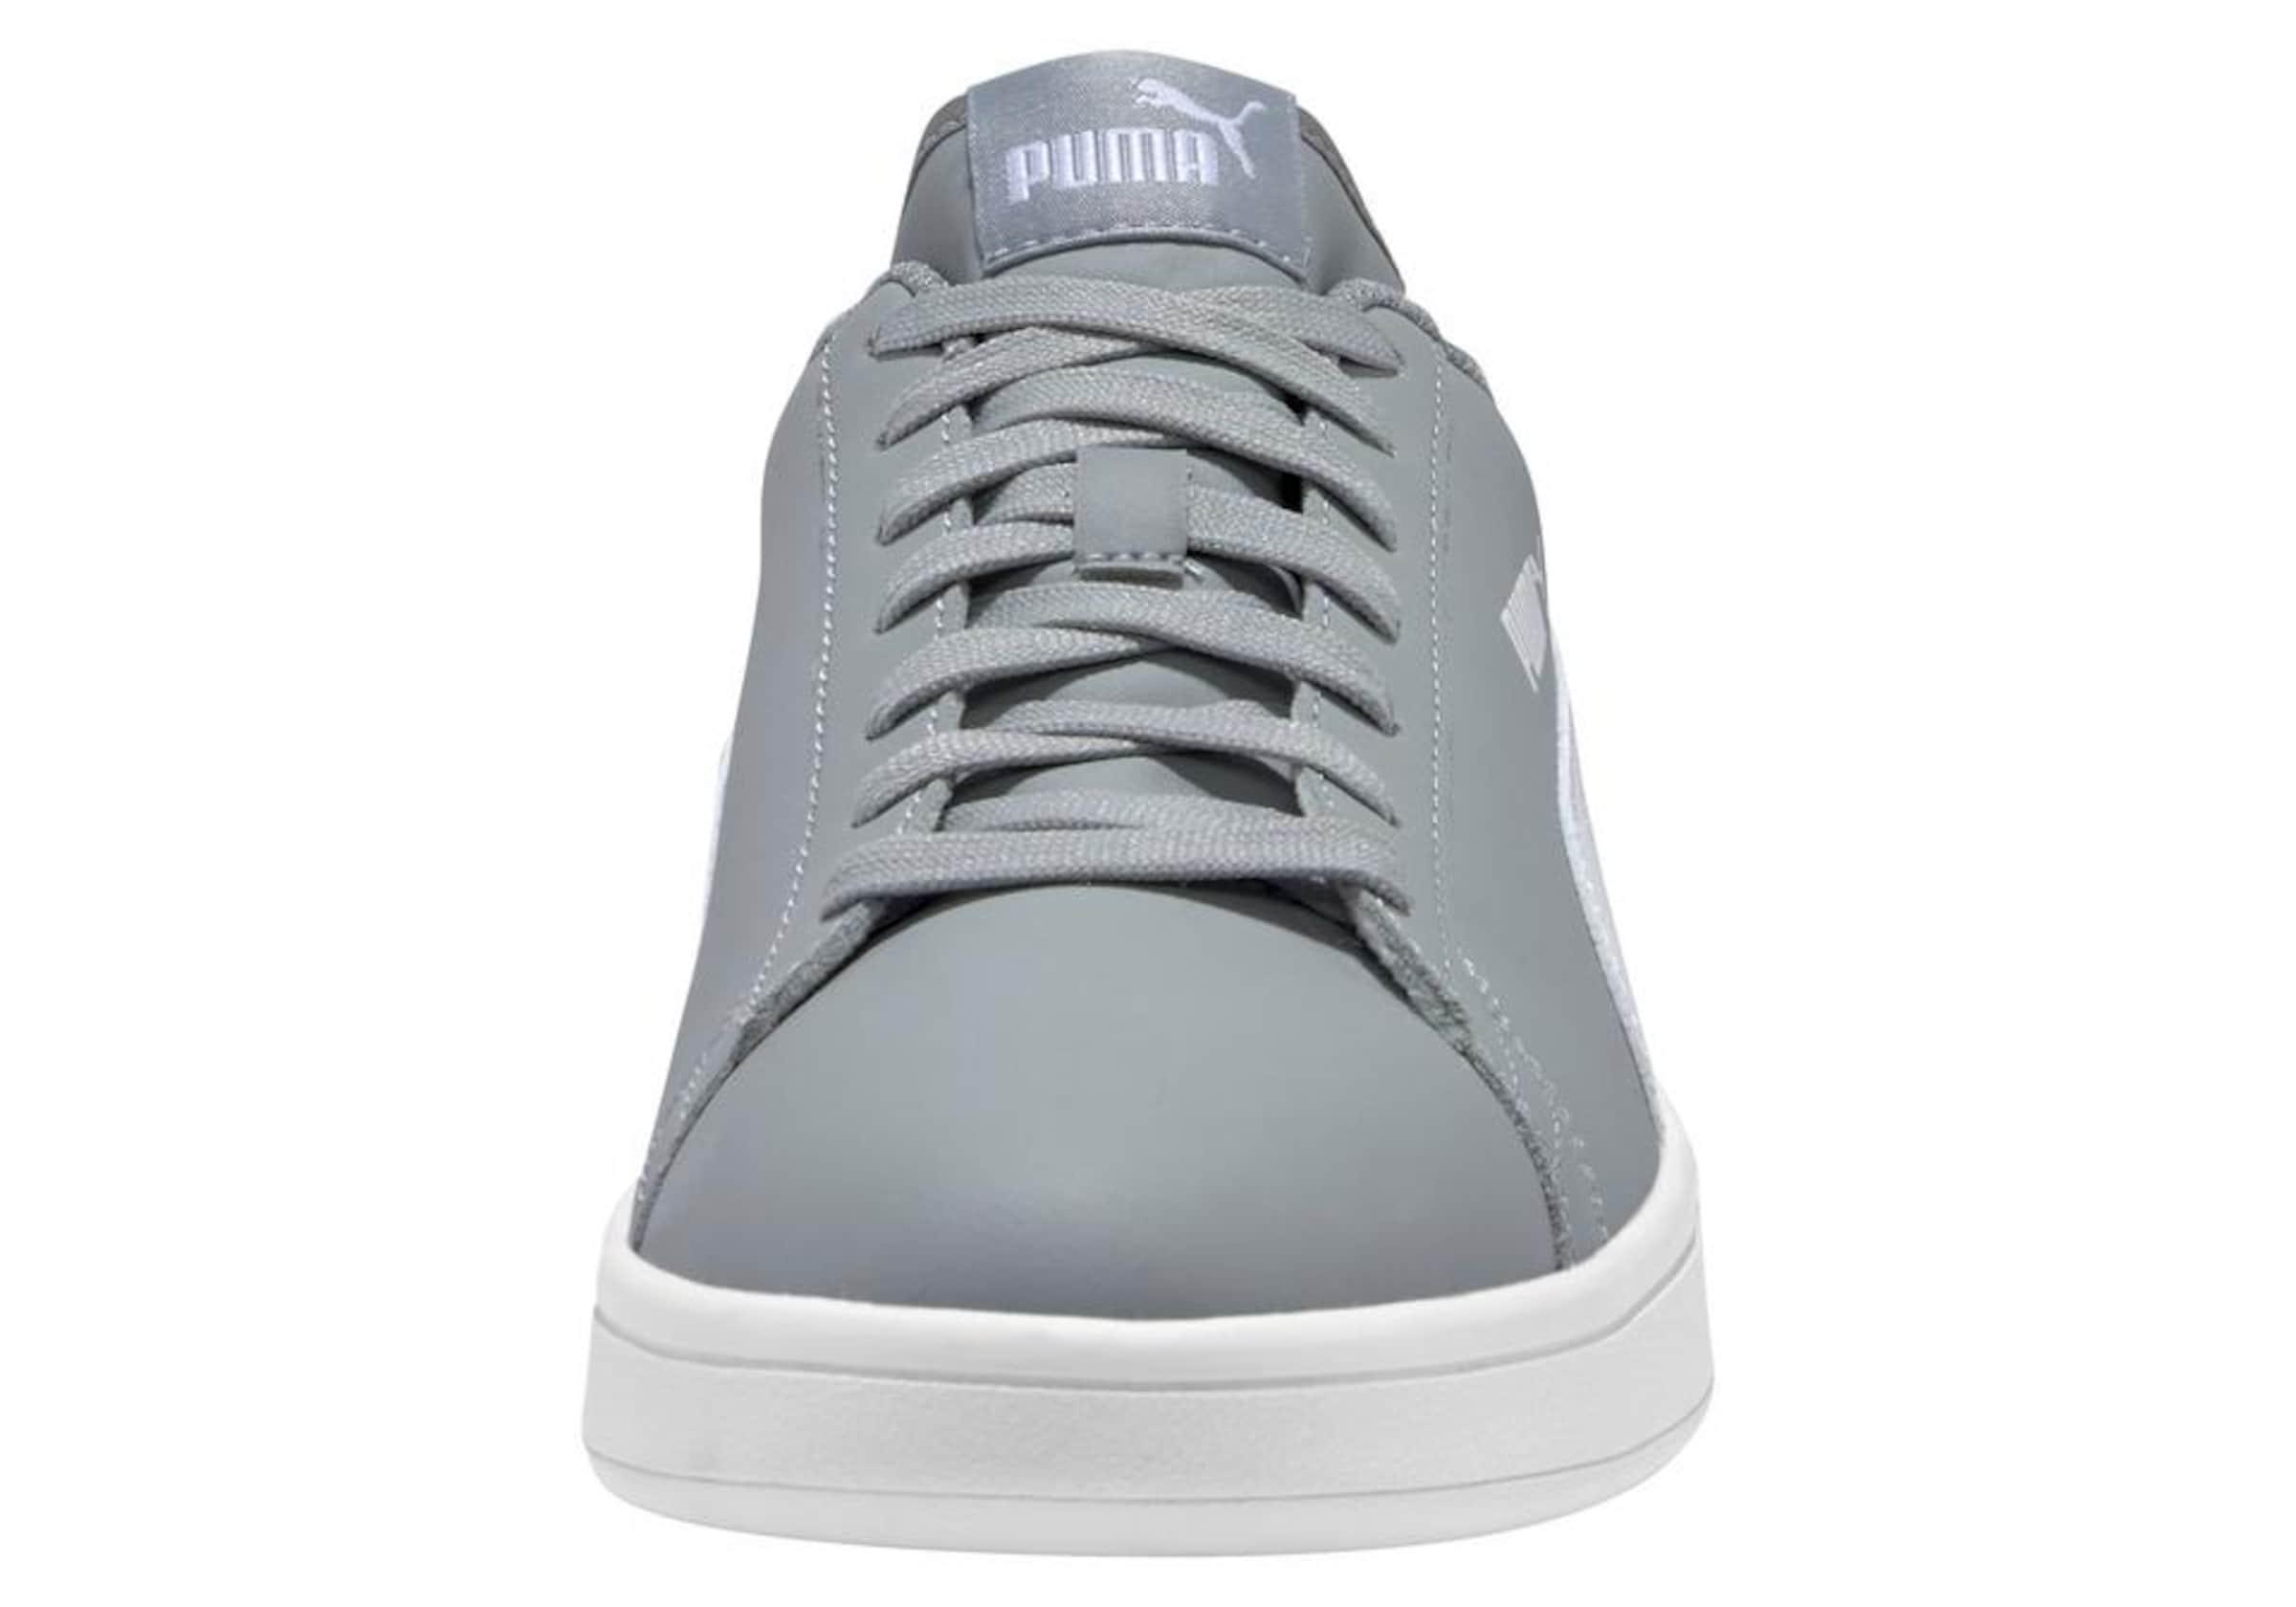 Puma Grau In Sneaker 'smash V2 L' zSMjLqVpGU